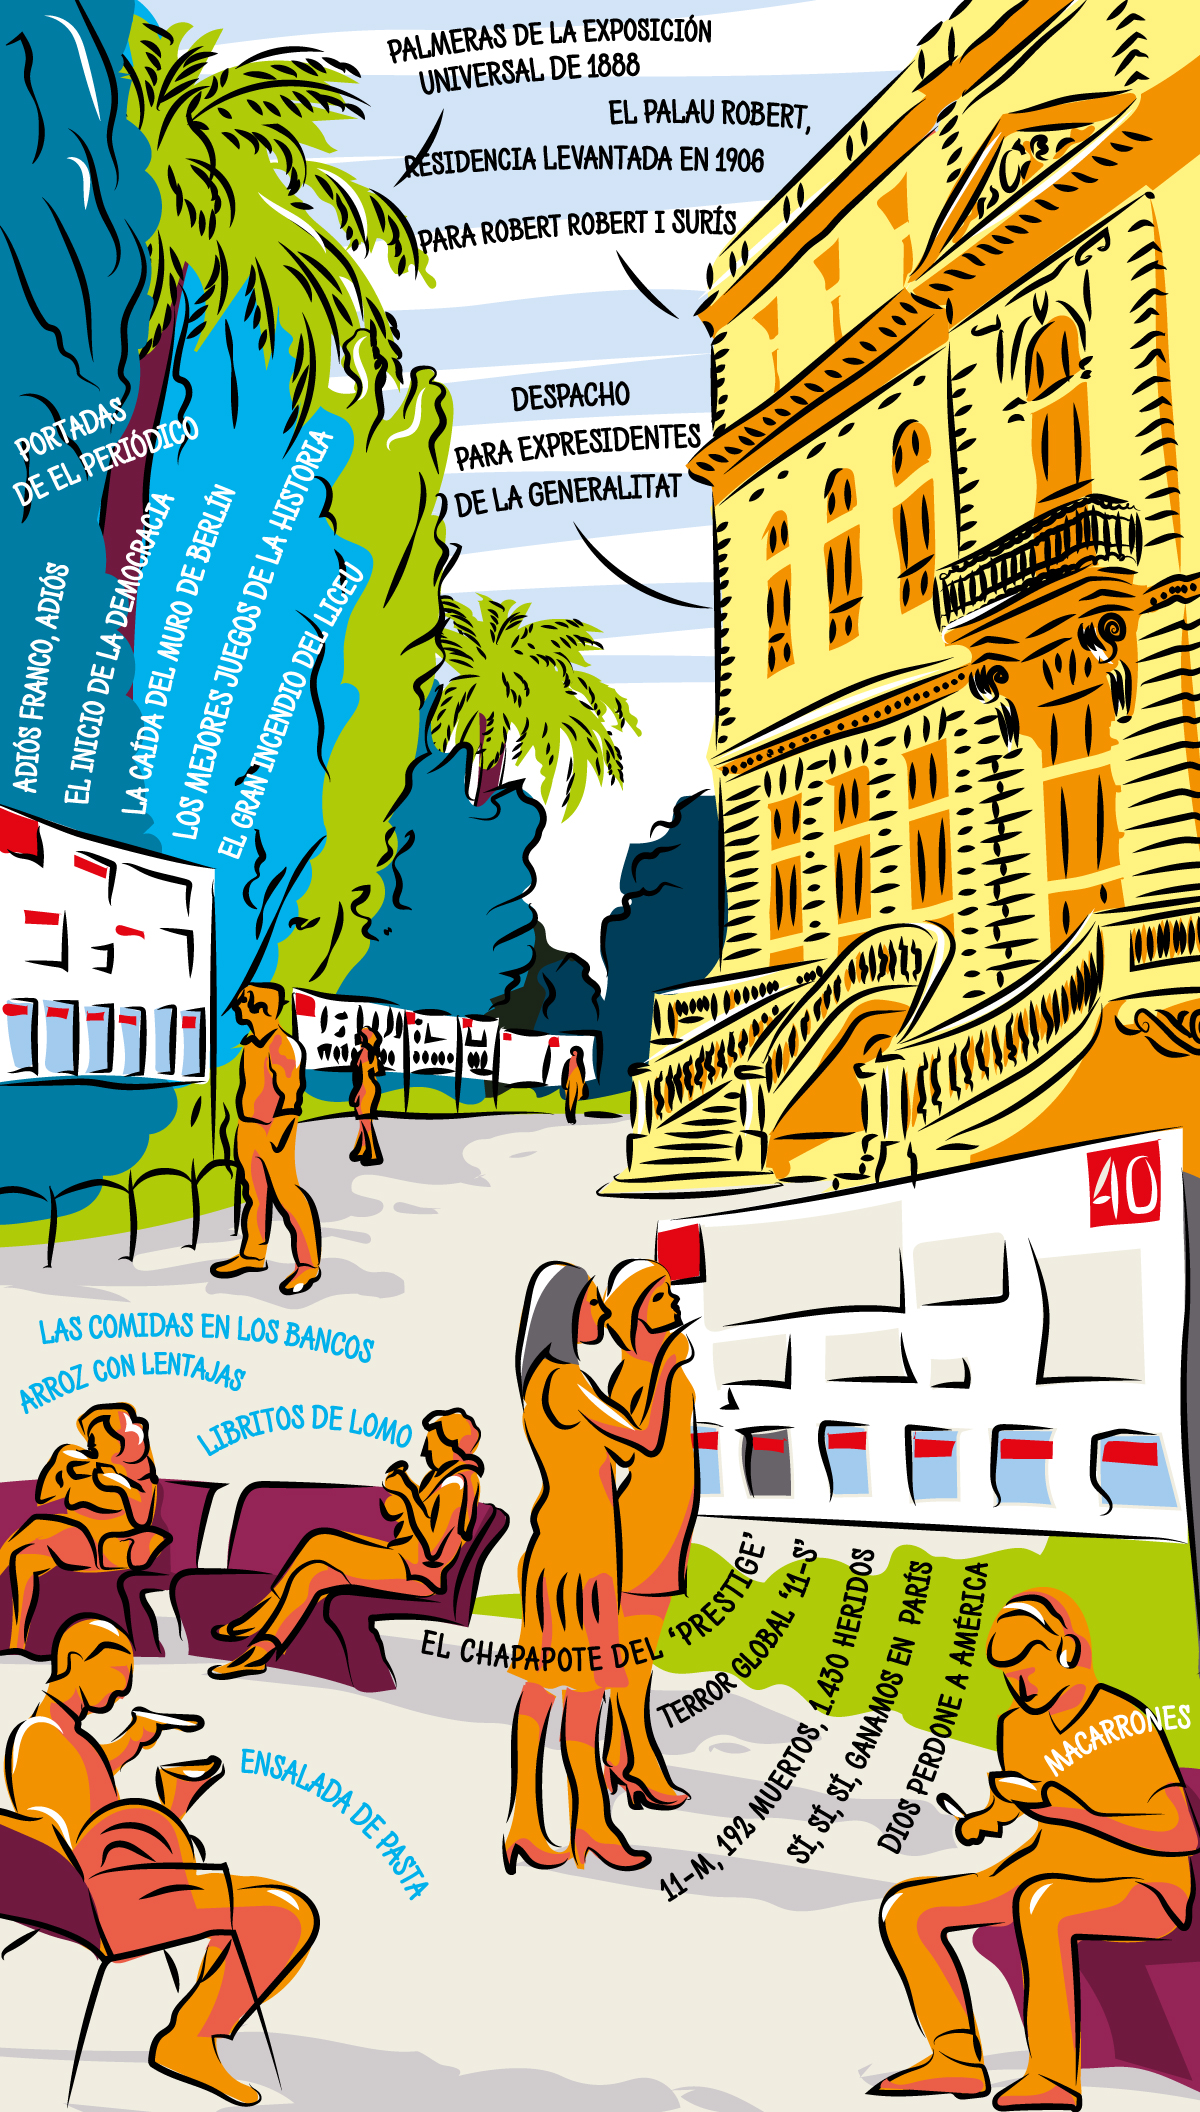 Palau Robert: ensaladas del día y 40 años de noticias